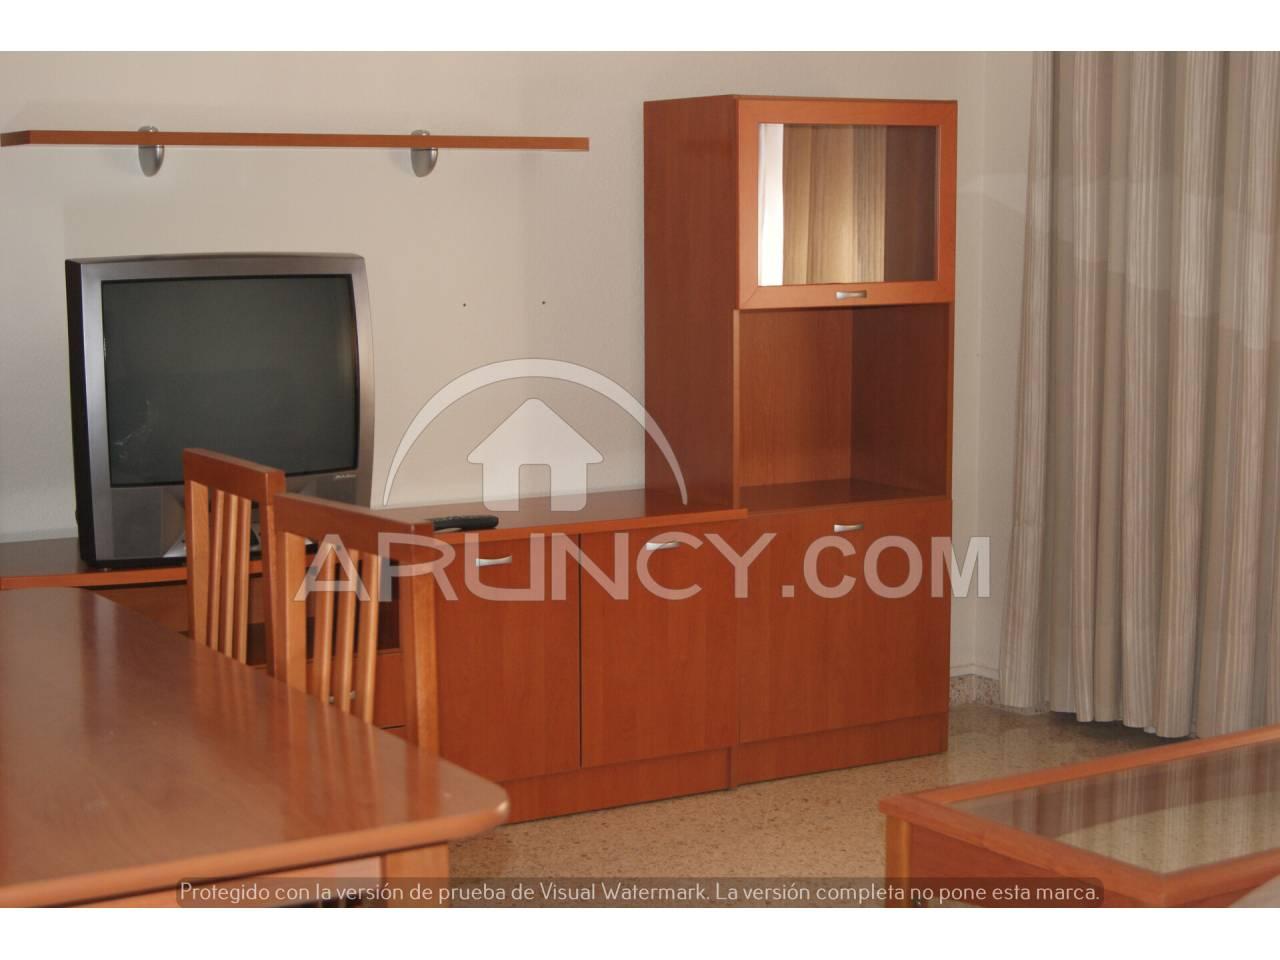 Piso en alquiler con 75 m2, 2 dormitorios  en Alcalá de Guadaíra, PUER